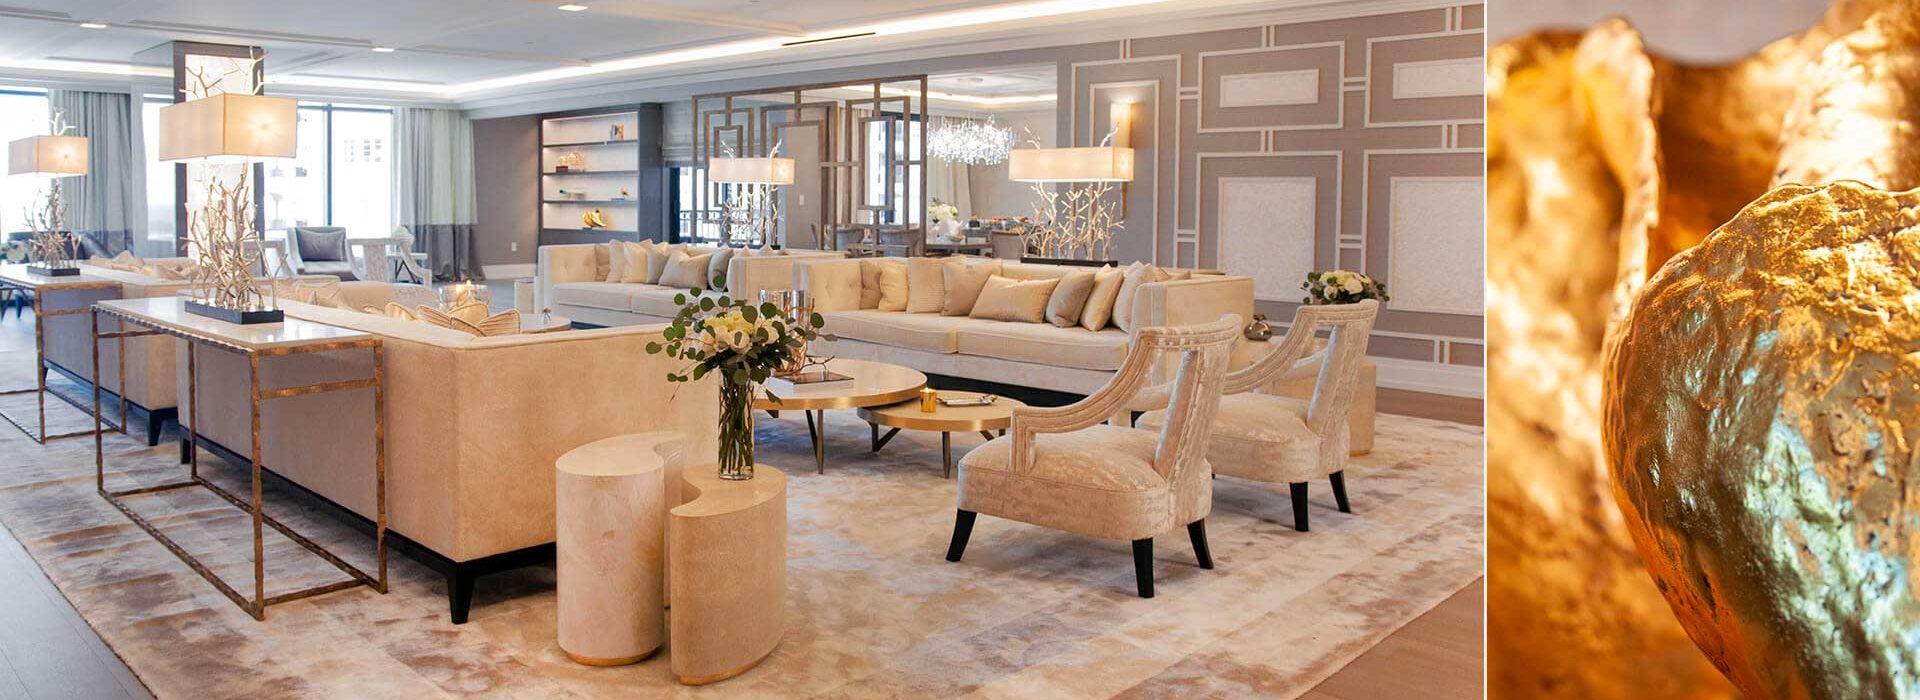 MIAMI-PENTHOUSE-01-Dome-interior-design-Geneve-Suisse